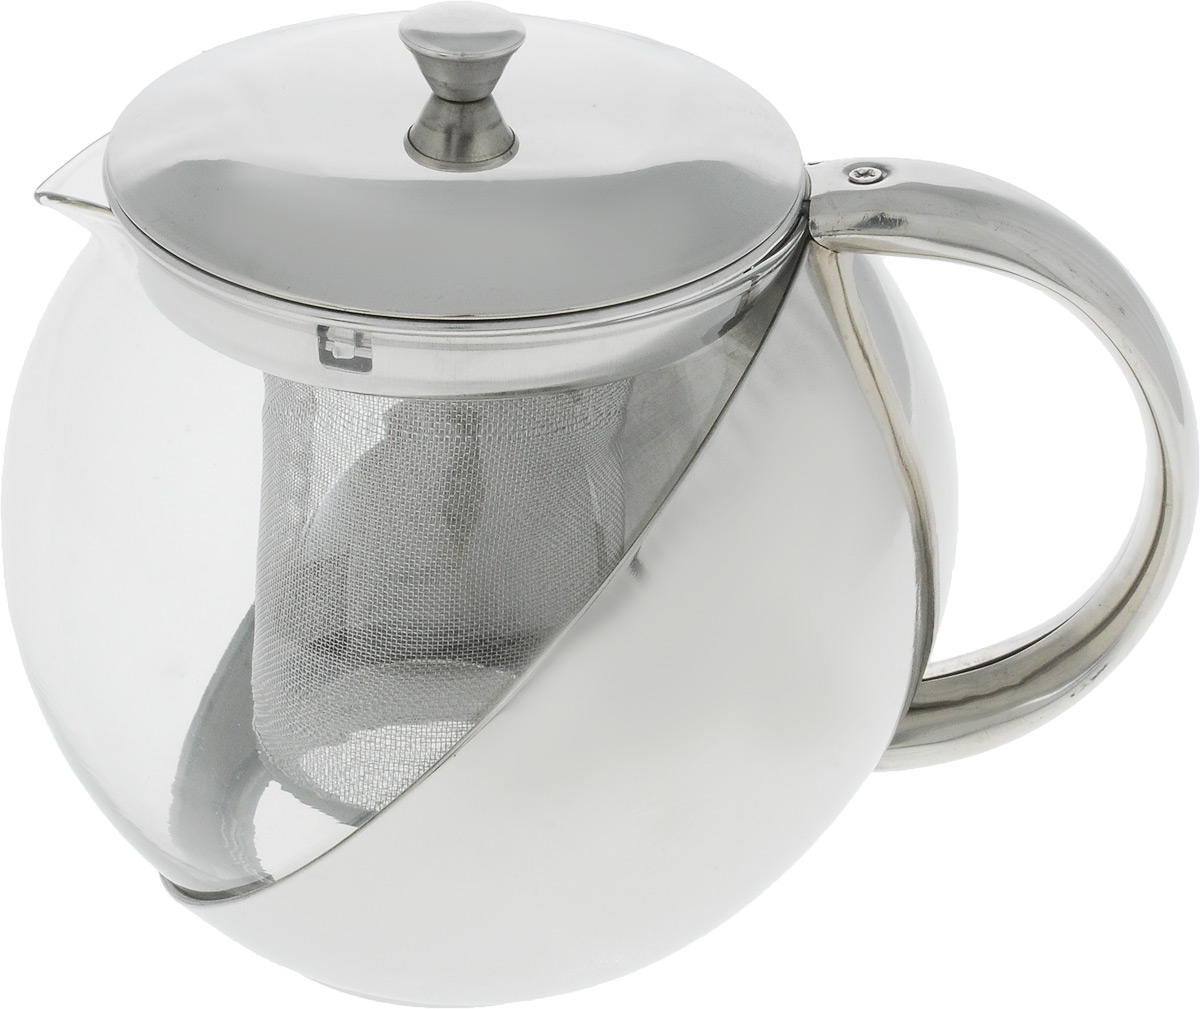 Чайник заварочный Wellberg, 1 л. 6876 WB6876 WBЗаварочный чайник Wellberg WB-6870 из стекла и нержавеющей стали прекрасно подойдет для кухни в стиле Hi-tech. Объем чайника составляет 1 литр, что вполне хватит для заваривания 4-5 чашек ароматного черного или травяного чая. Заварочный чайник оснащен качественным фильтром, эргономичной ручкой, удобный крышкой цвета металлик.